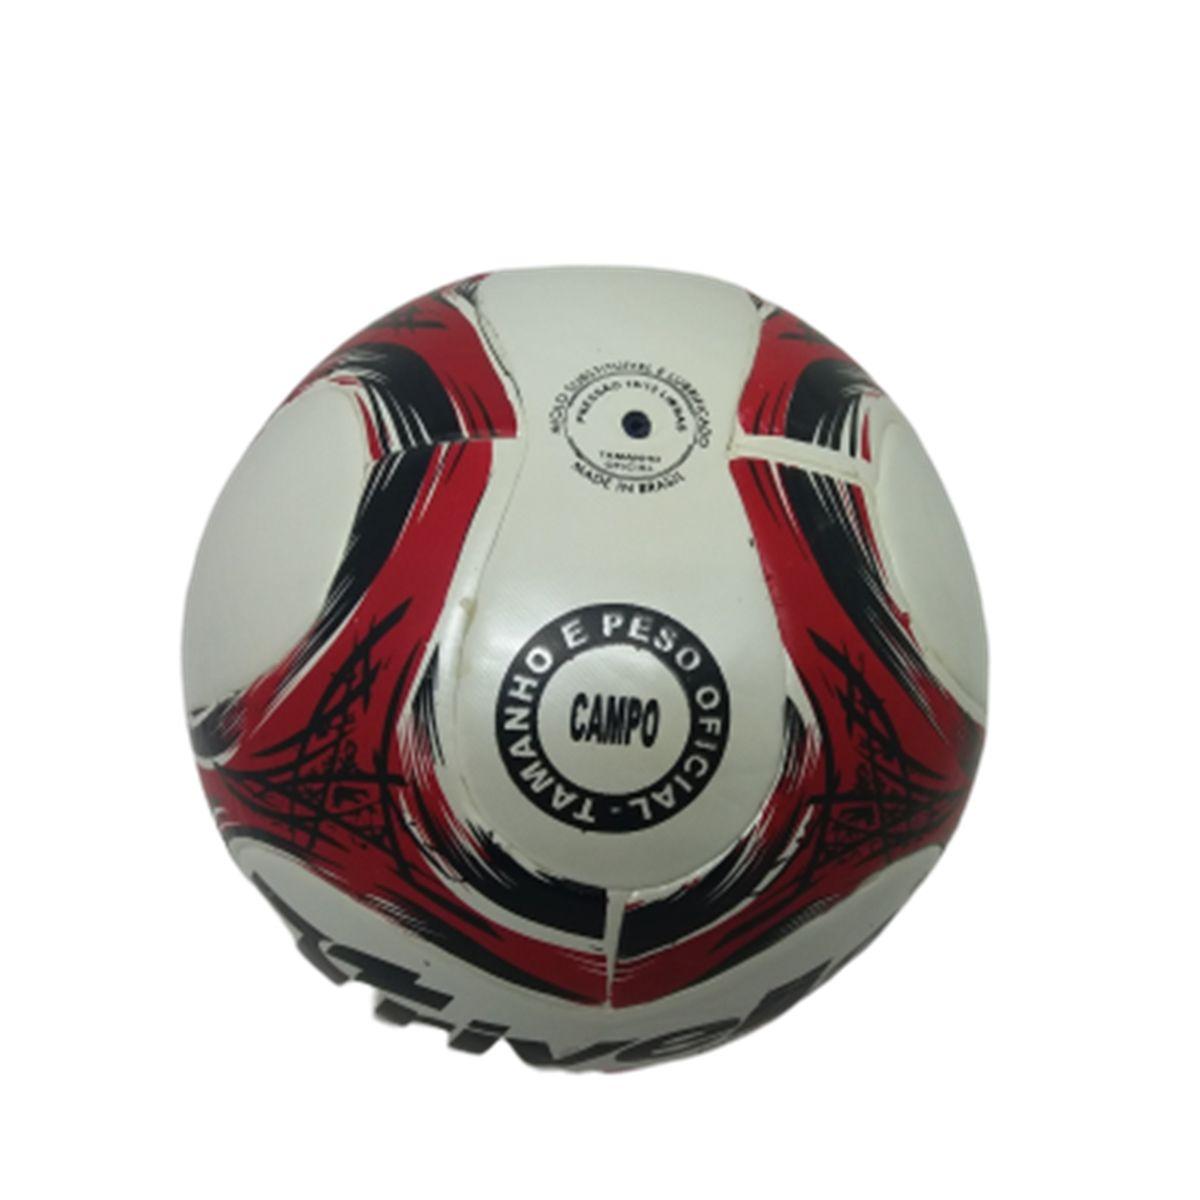 Kit C/2 Bolas Campo Trivella 100% Pu + Bomba Penalty